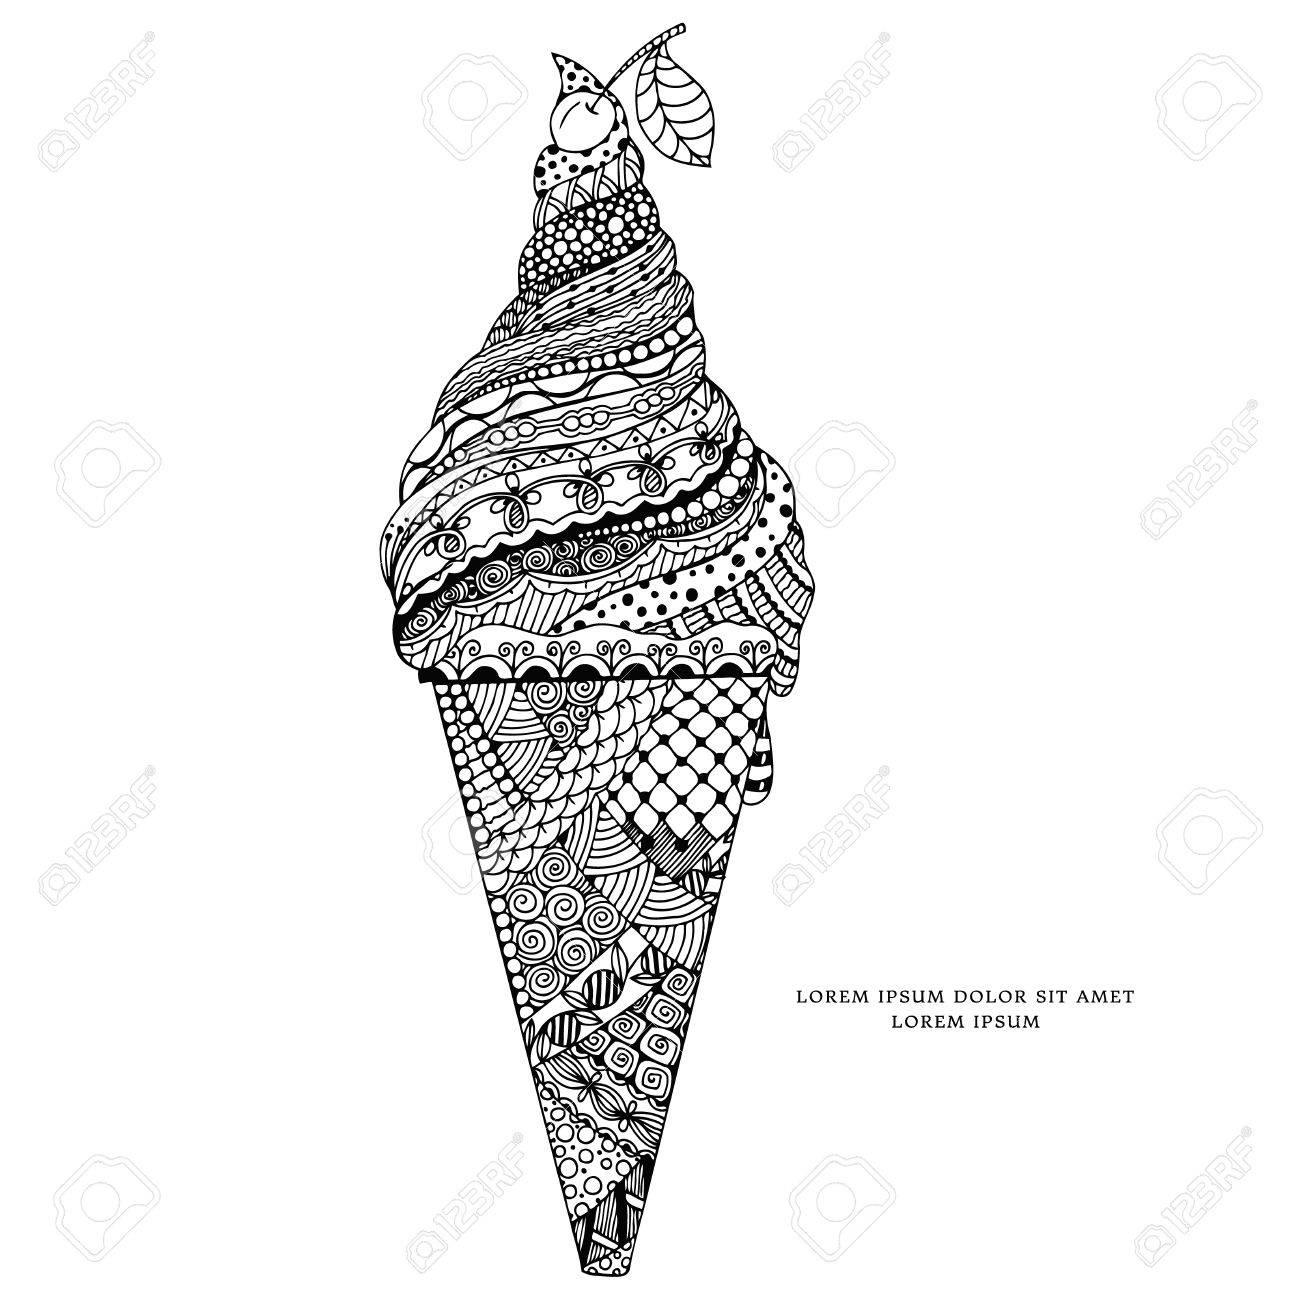 Vektor-Illustration Zen Tangle, Eis Mit Ornament. Doodle Zeichnung ...